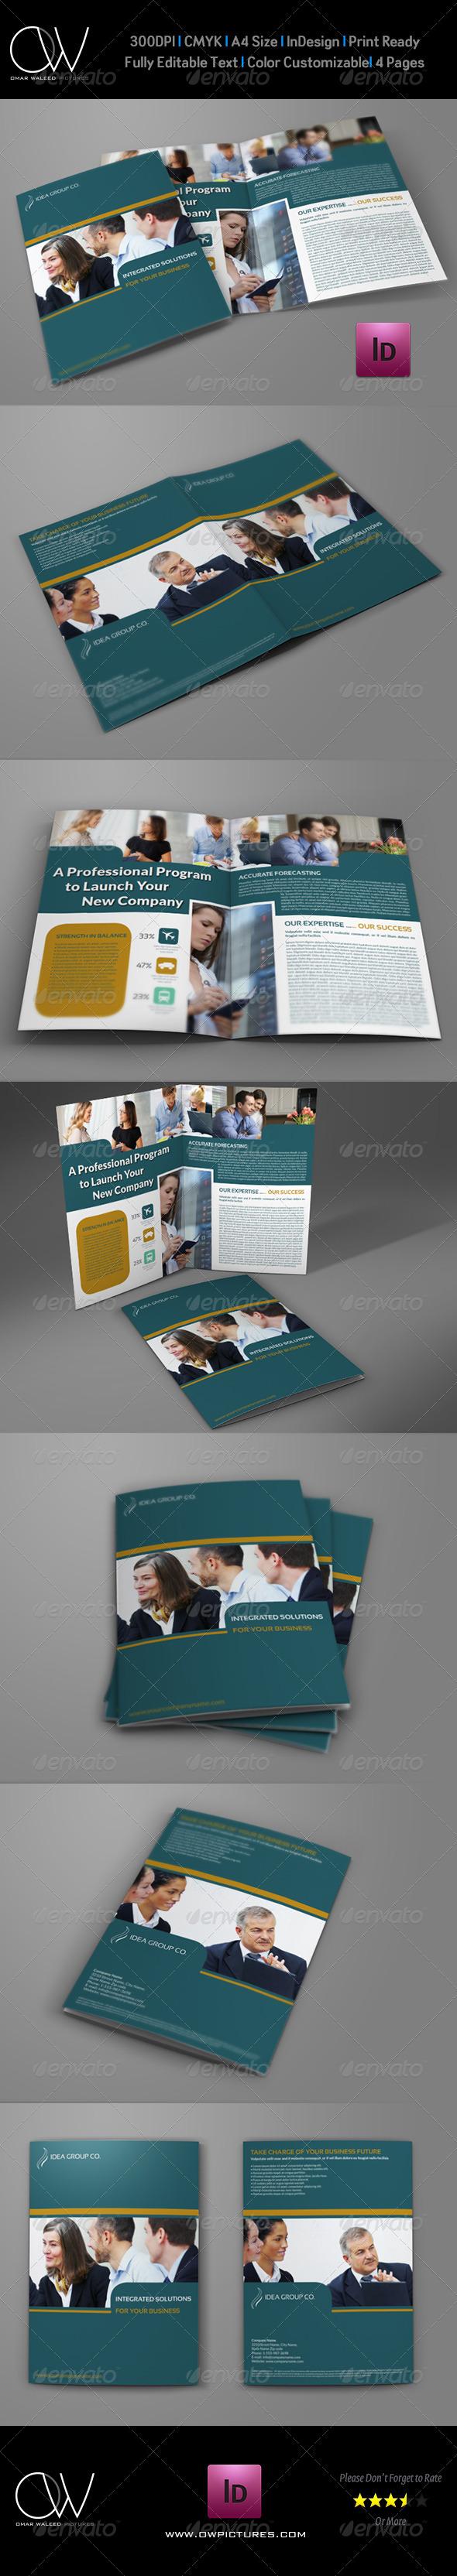 GraphicRiver Company Brochure Bi-Fold Template Vol.26 7606141